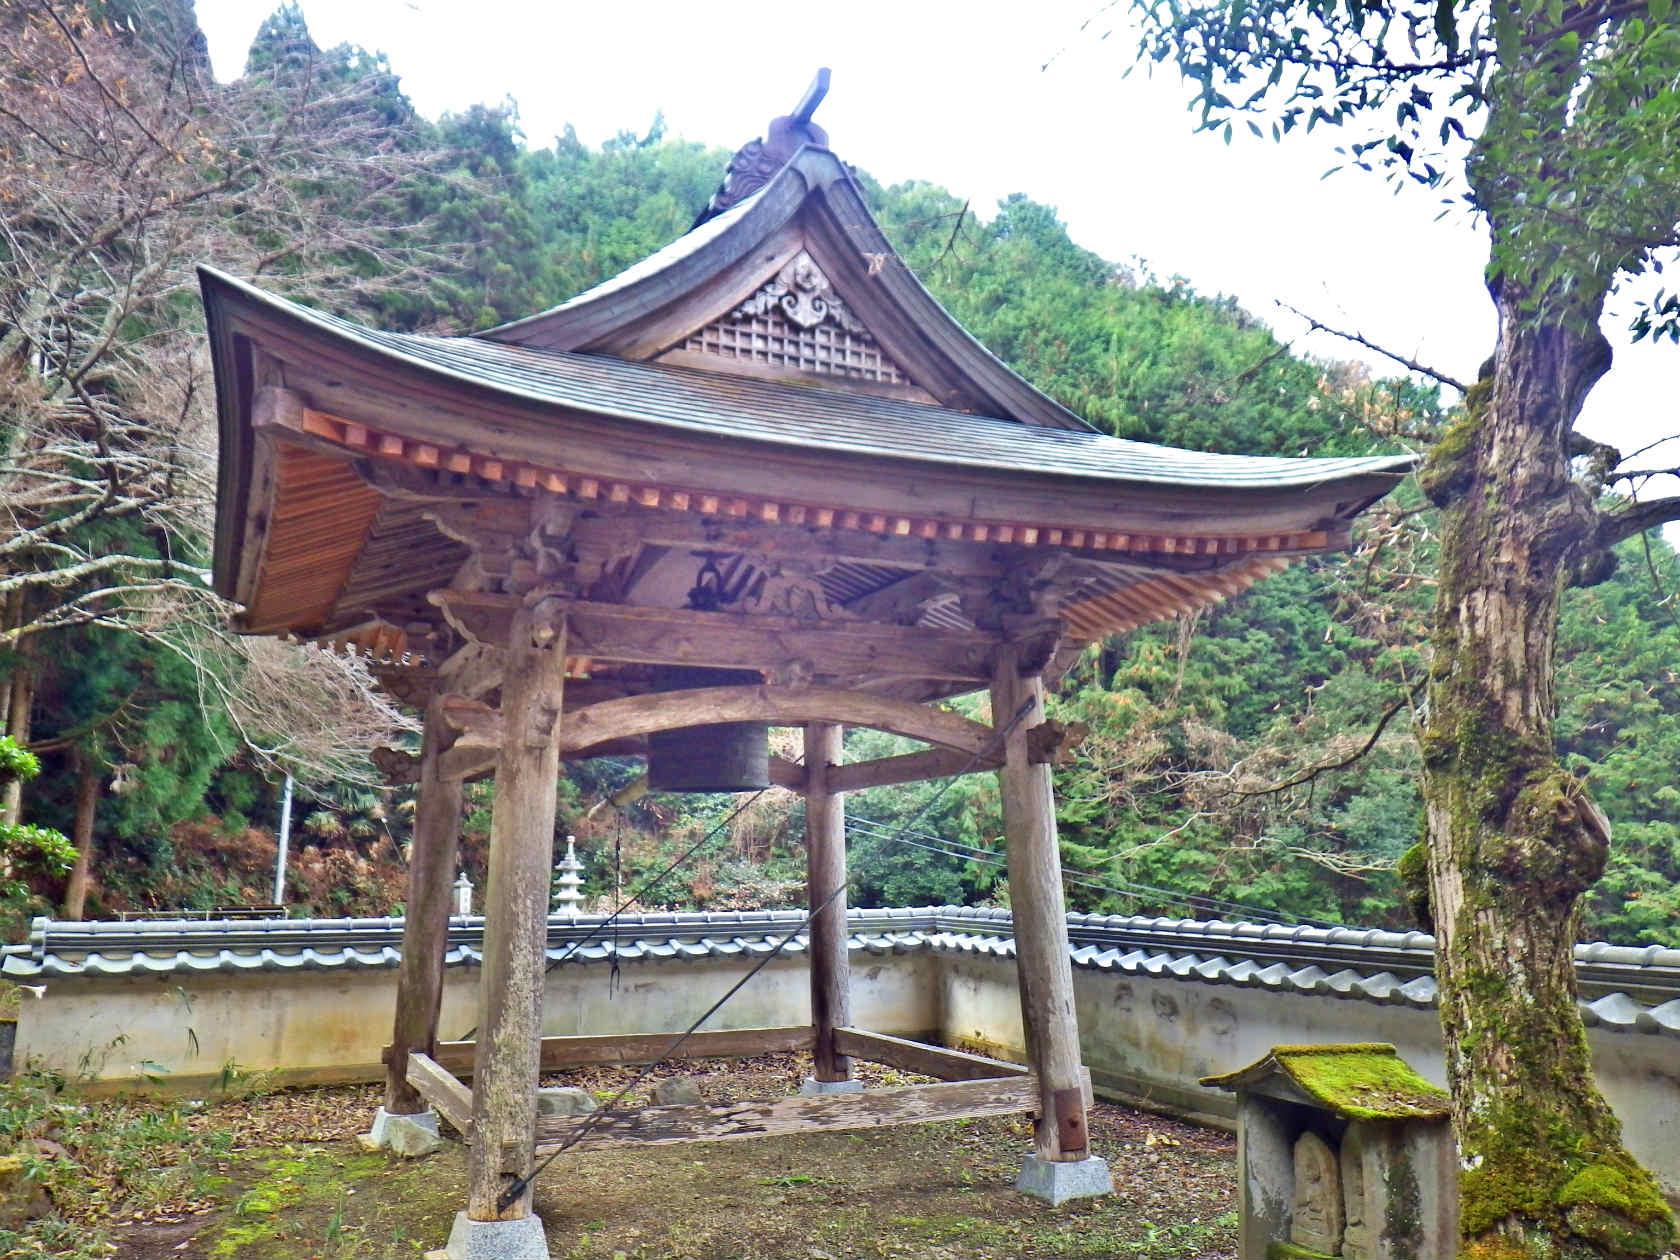 15a 弘誓寺の鐘撞き堂